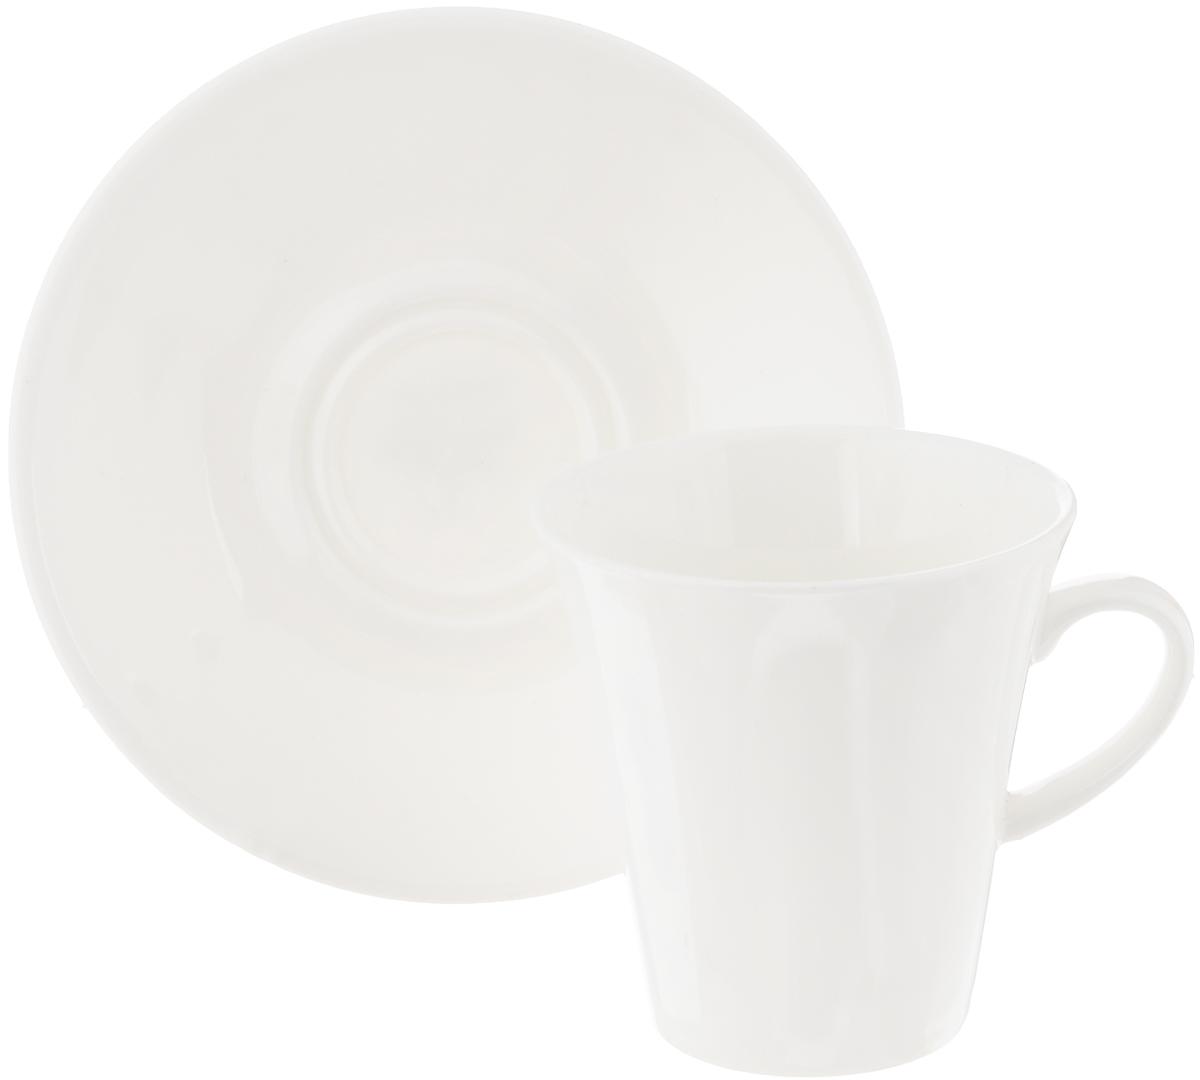 Кофейная пара Wilmax, 2 предмета. WL-993005 / AB115510Кофейная пара Wilmax состоит из чашки и блюдца. Изделия выполнены из высококачественного фарфора, покрытого слоем глазури. Изделия имеют лаконичный дизайн, просты и функциональны в использовании. Кофейная пара Wilmax украсит ваш кухонный стол, а также станет замечательным подарком к любому празднику.Изделия можно мыть в посудомоечной машине и ставить в микроволновую печь.Объем чашки: 160 мл.Диаметр чашки (по верхнему краю): 7,5 см.Высота чашки: 7,5 см.Диаметр блюдца: 13 см.